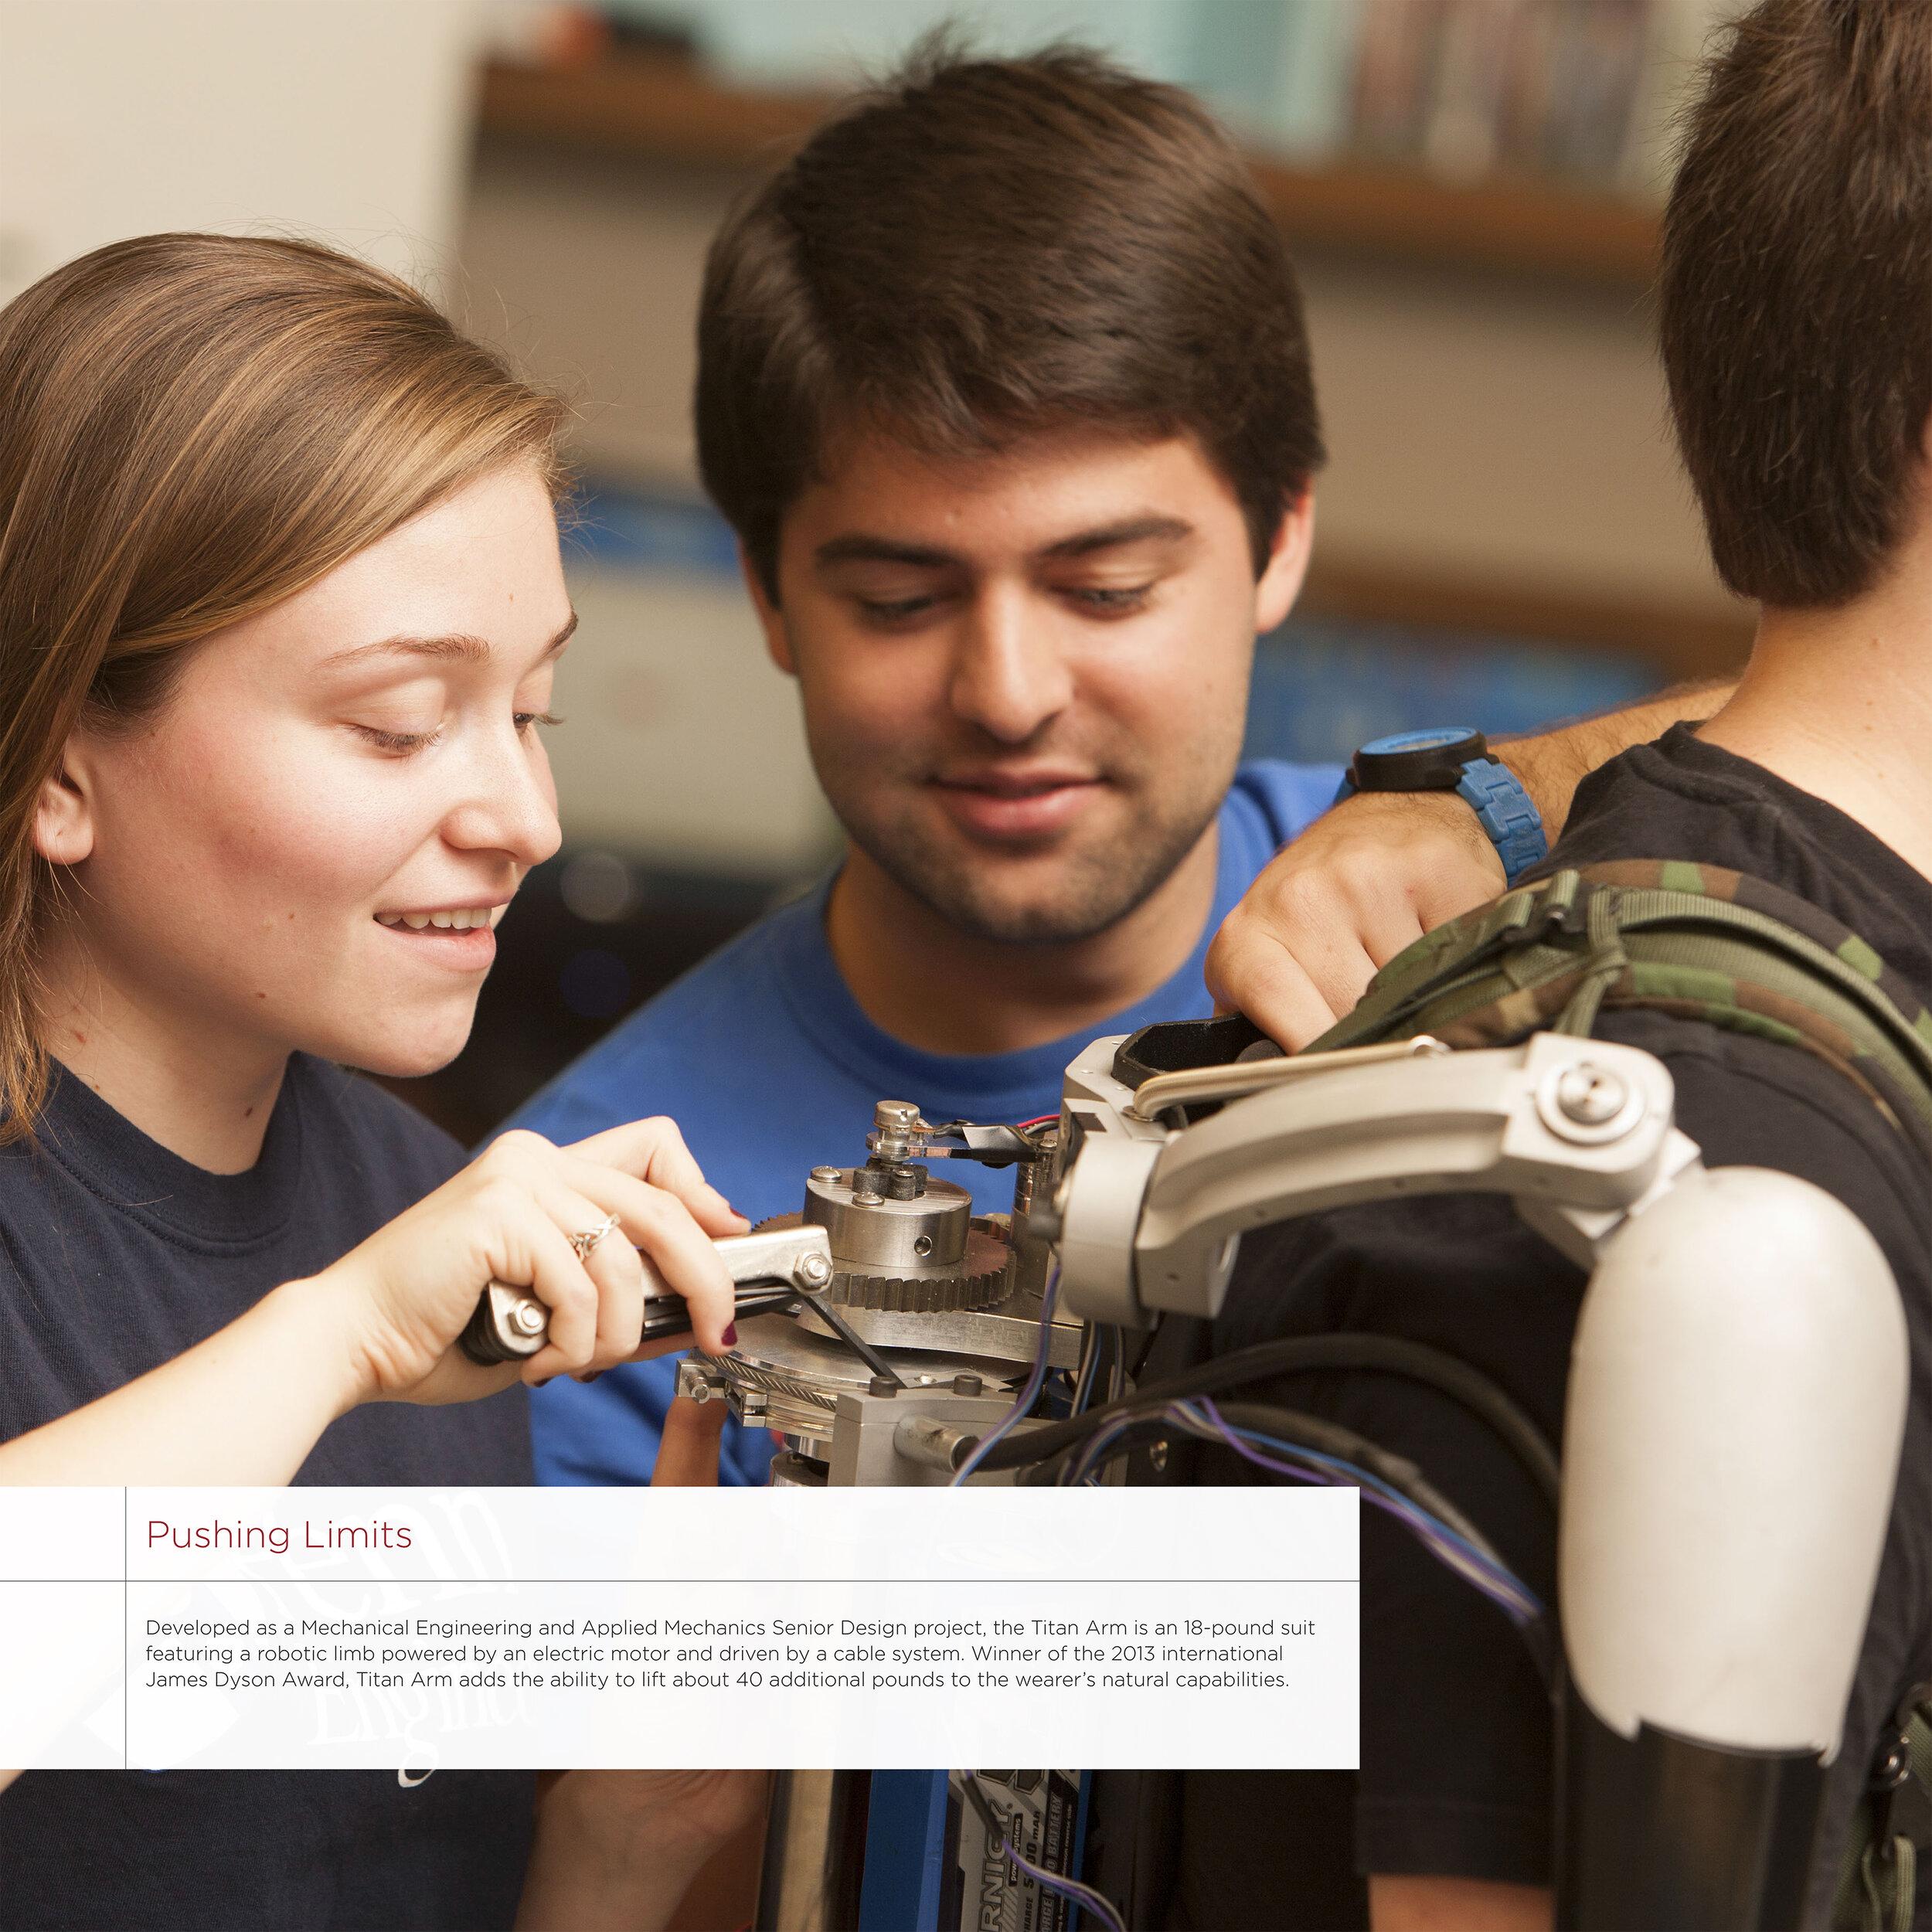 kelsh-wilson-design-penn-engineering-campus-display-5.jpg